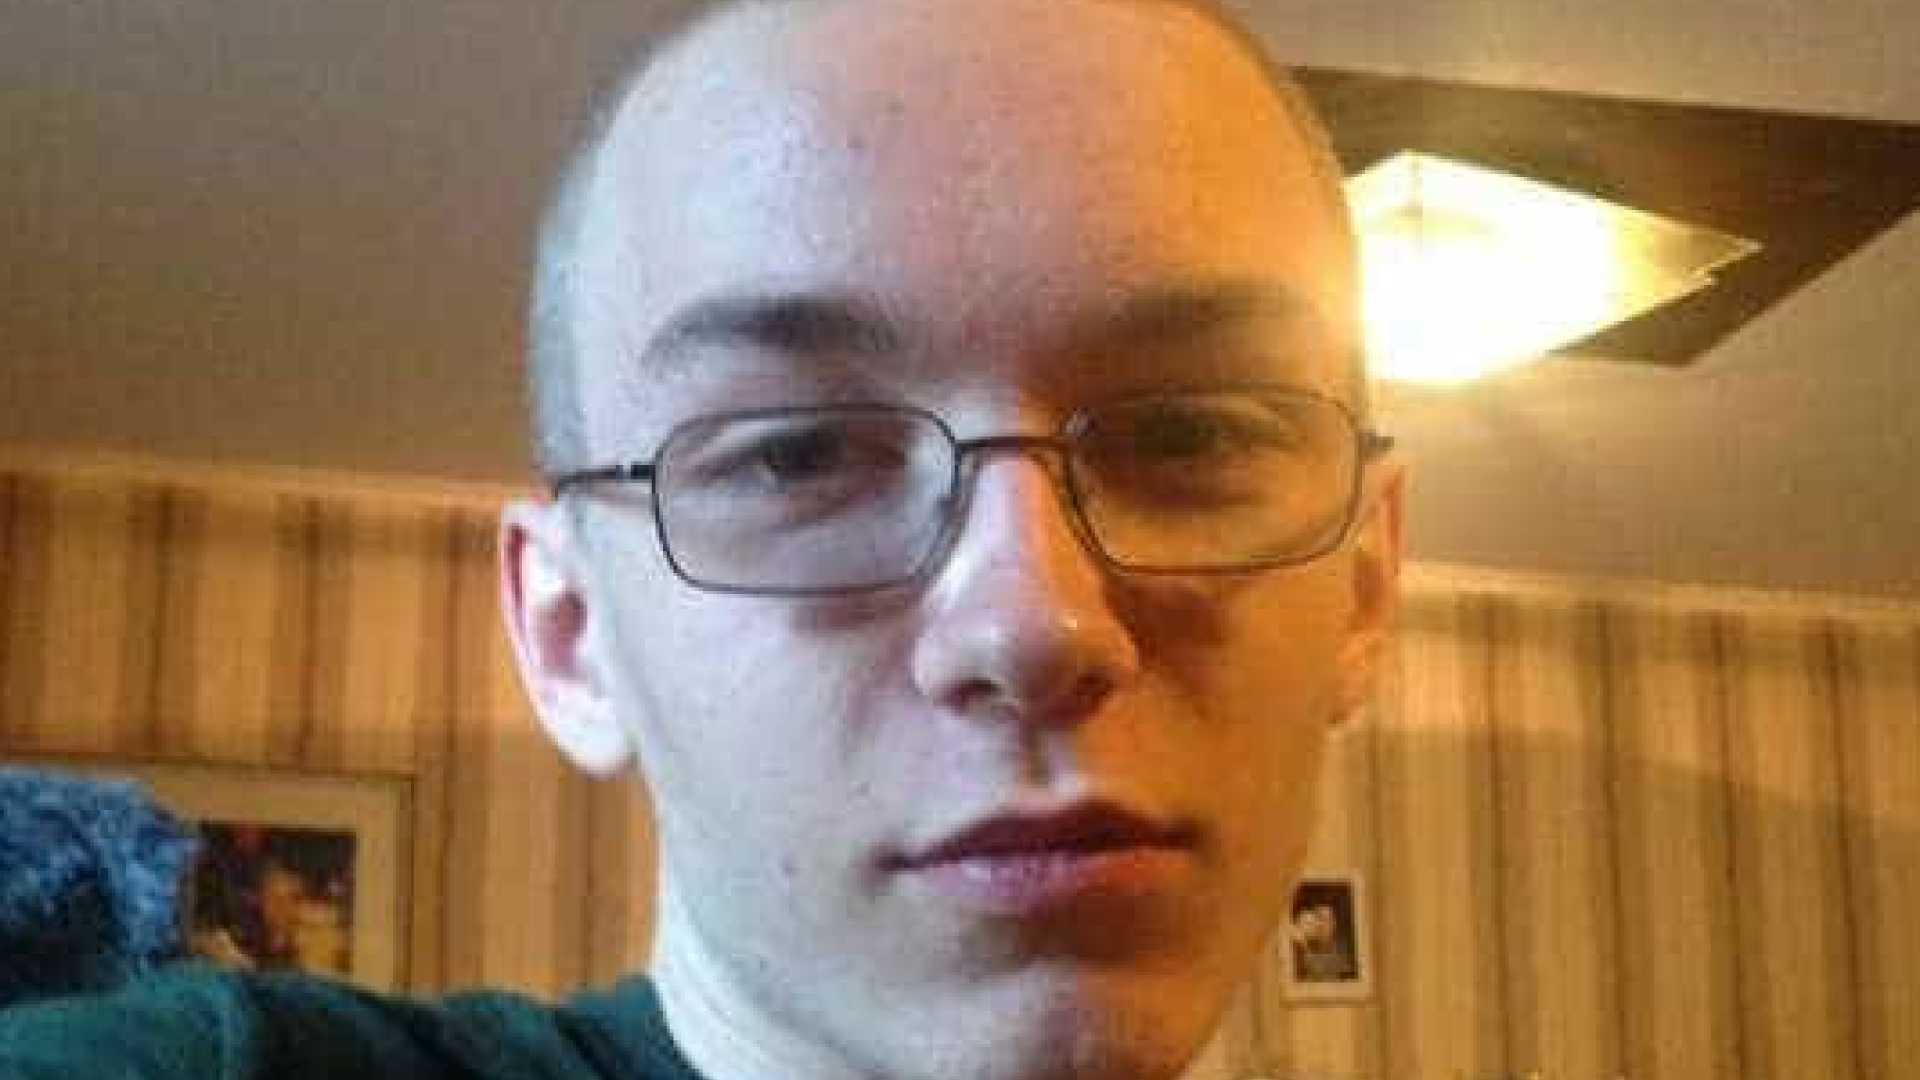 jovem matou criança com 56 facadas. no mesmo dia matou também um amigo - naom 59ce7bcb62b00 - Jovem matou criança com 56 facadas. No mesmo dia matou também um amigo